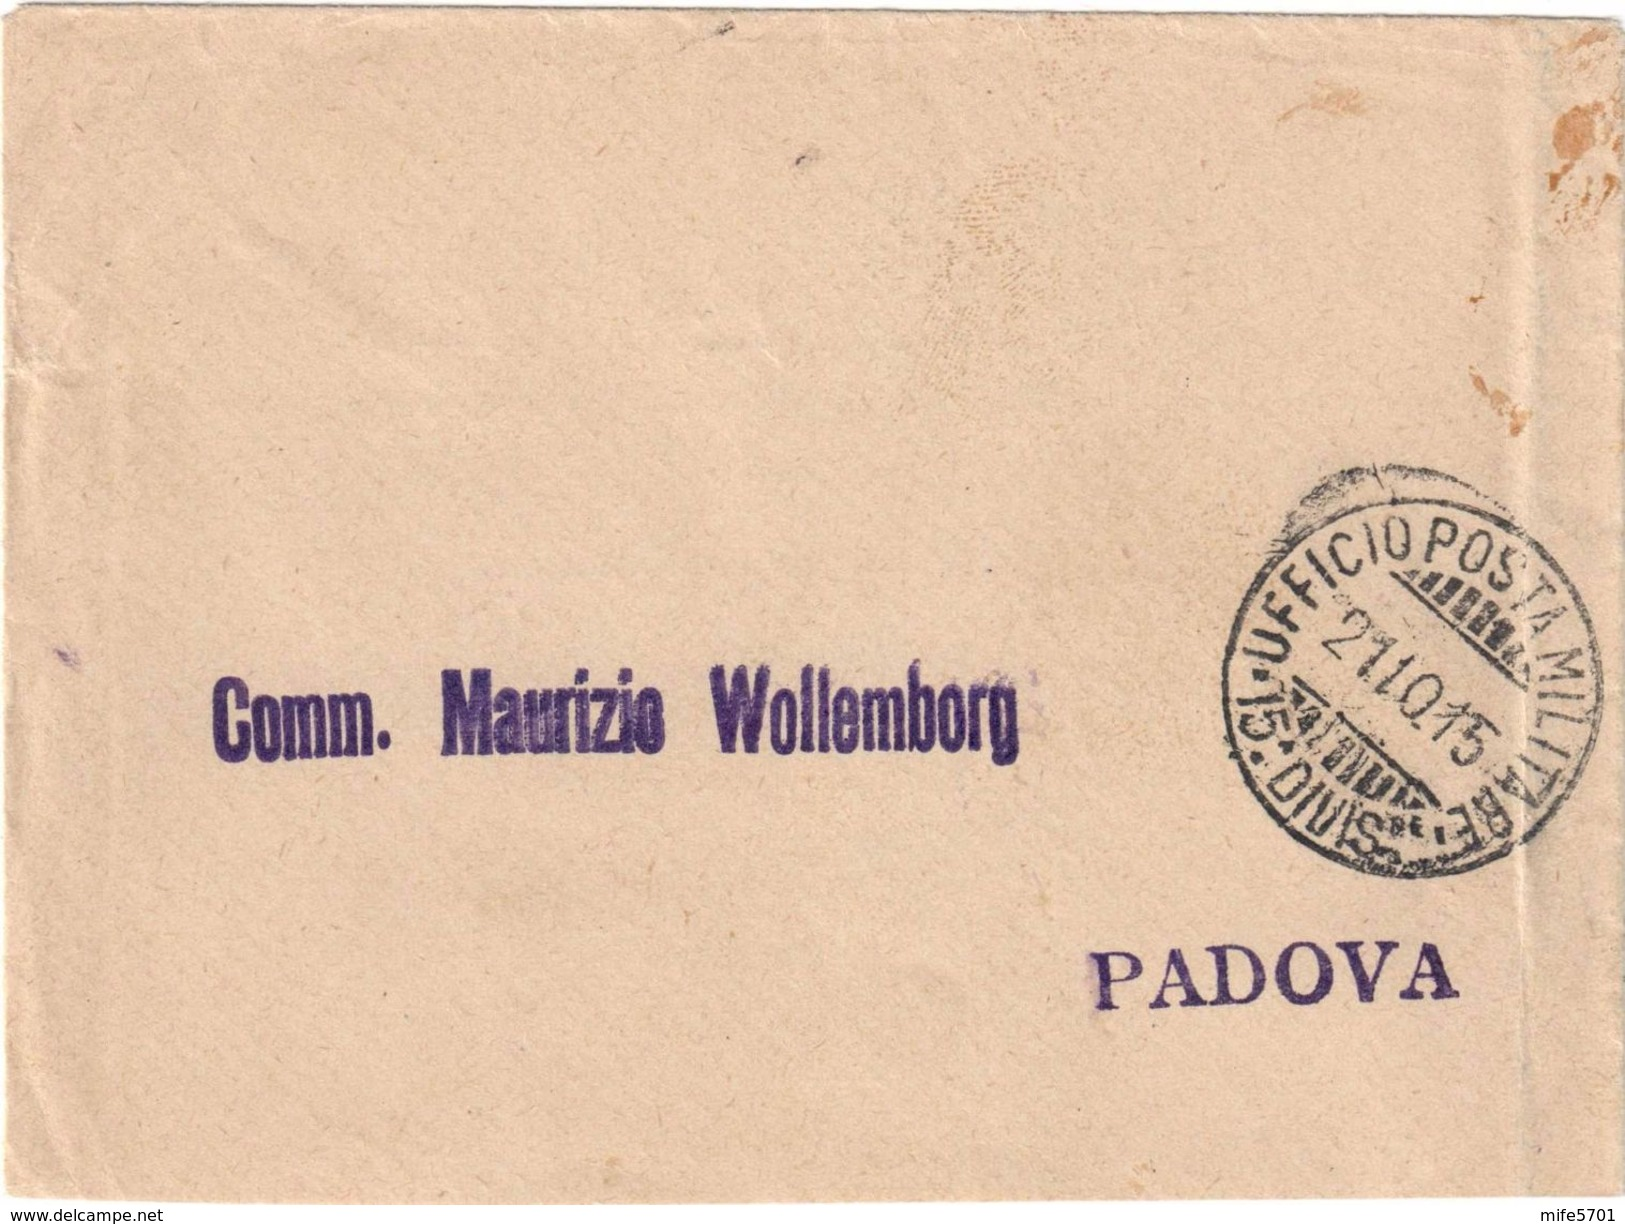 UFFICIO POSTA MILITARE 15° DIVISIONE PER PADOVA, 21/10/1915 - TASSATA AL RETRO CON C. 5 + 10 - SASSONE TAX 20 / 21 - 1900-44 Vittorio Emanuele III